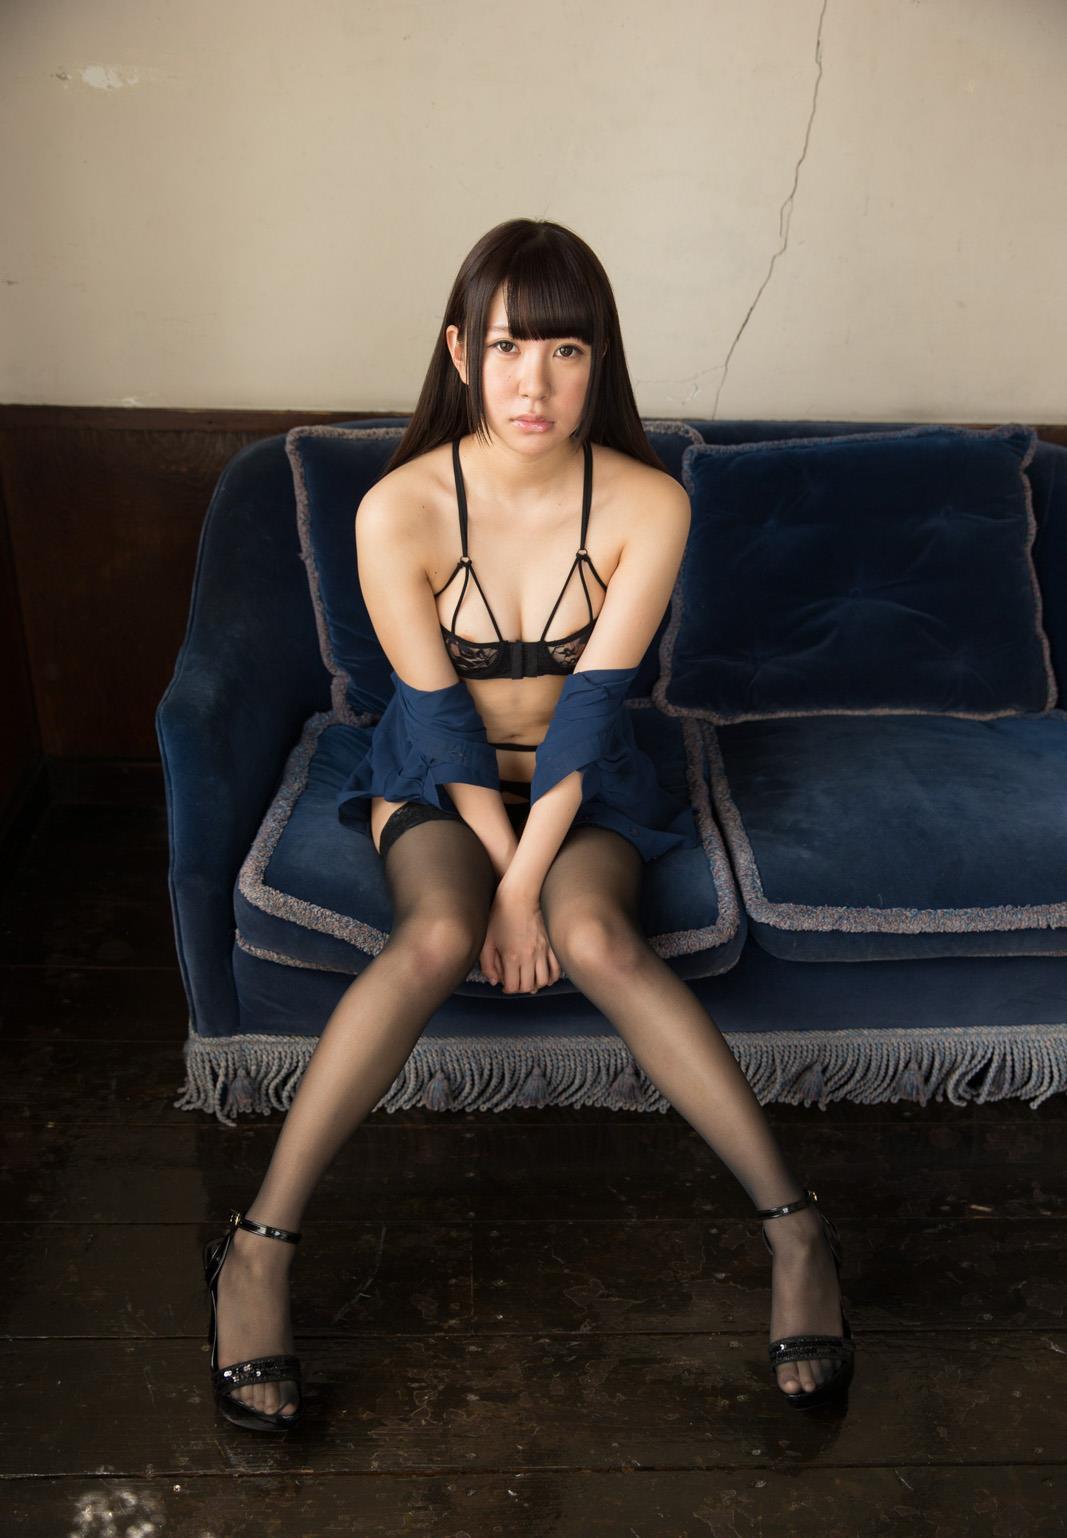 逢坂はるな(成瀬理沙)画像 55